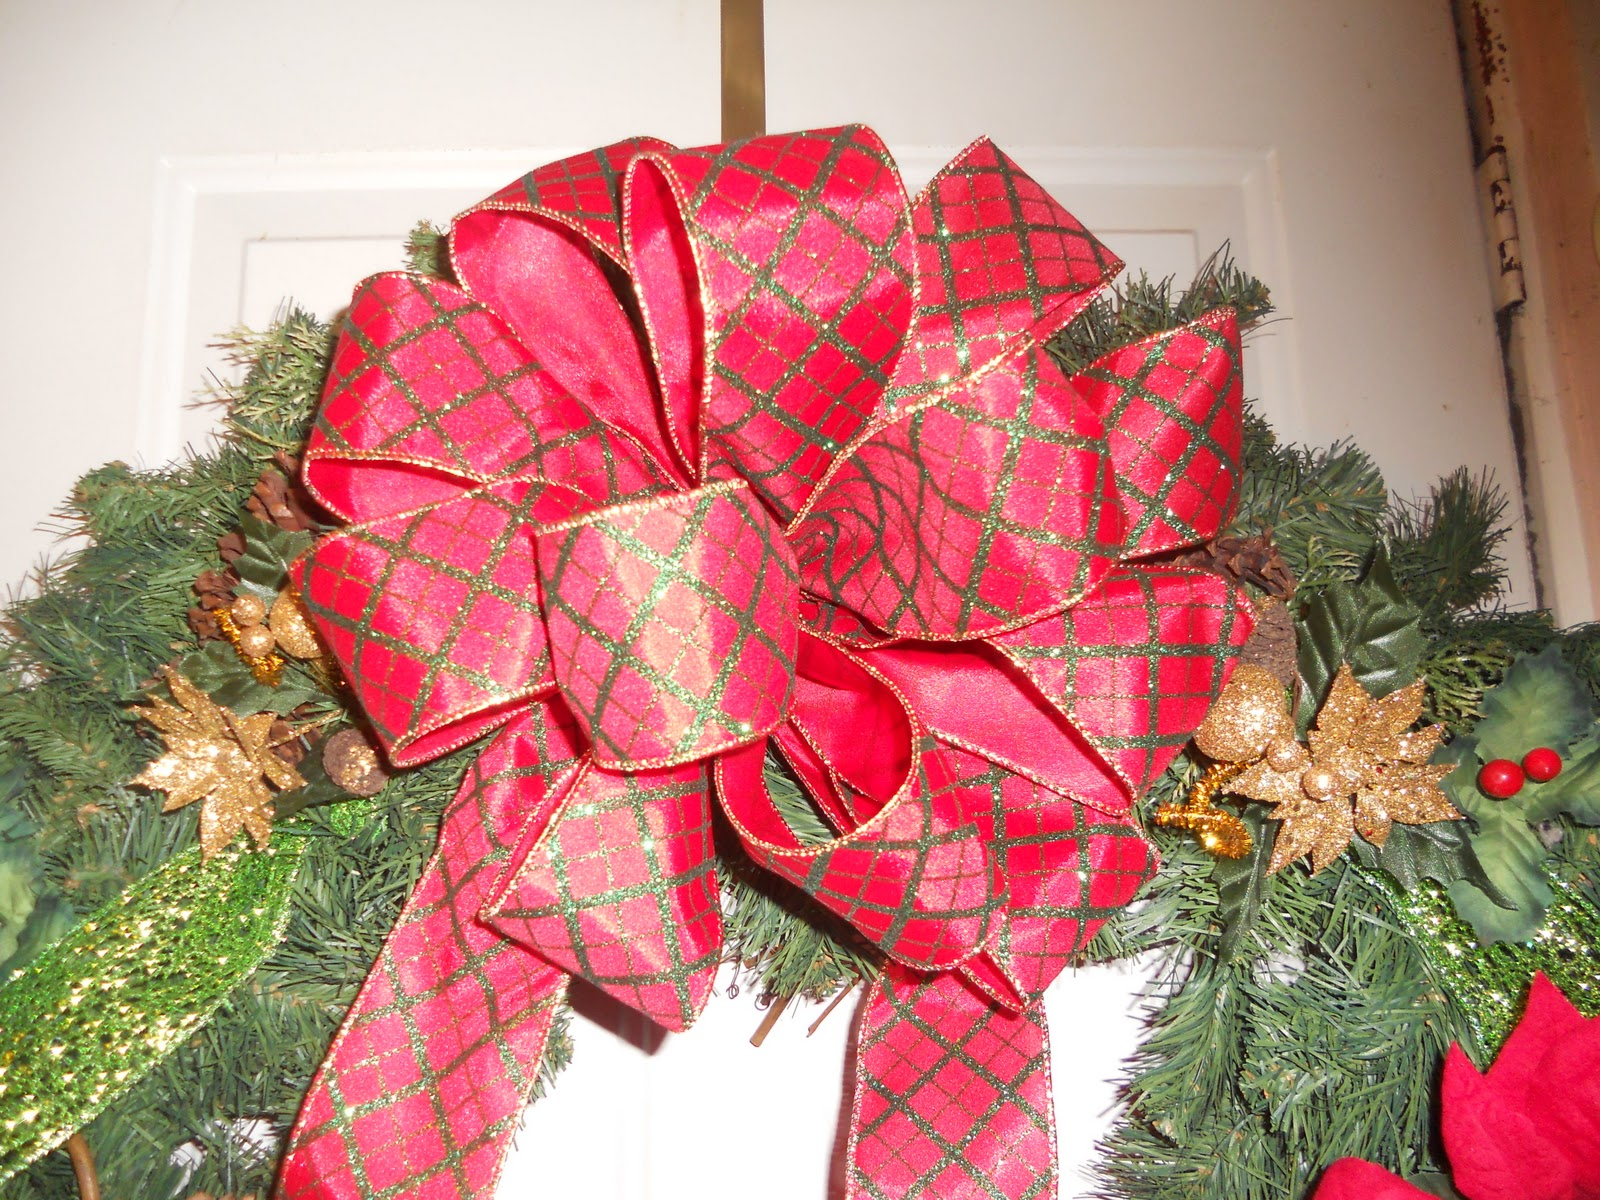 Creando con el corazon 12 dias de navidad dia 4 - Lazos arbol navidad ...